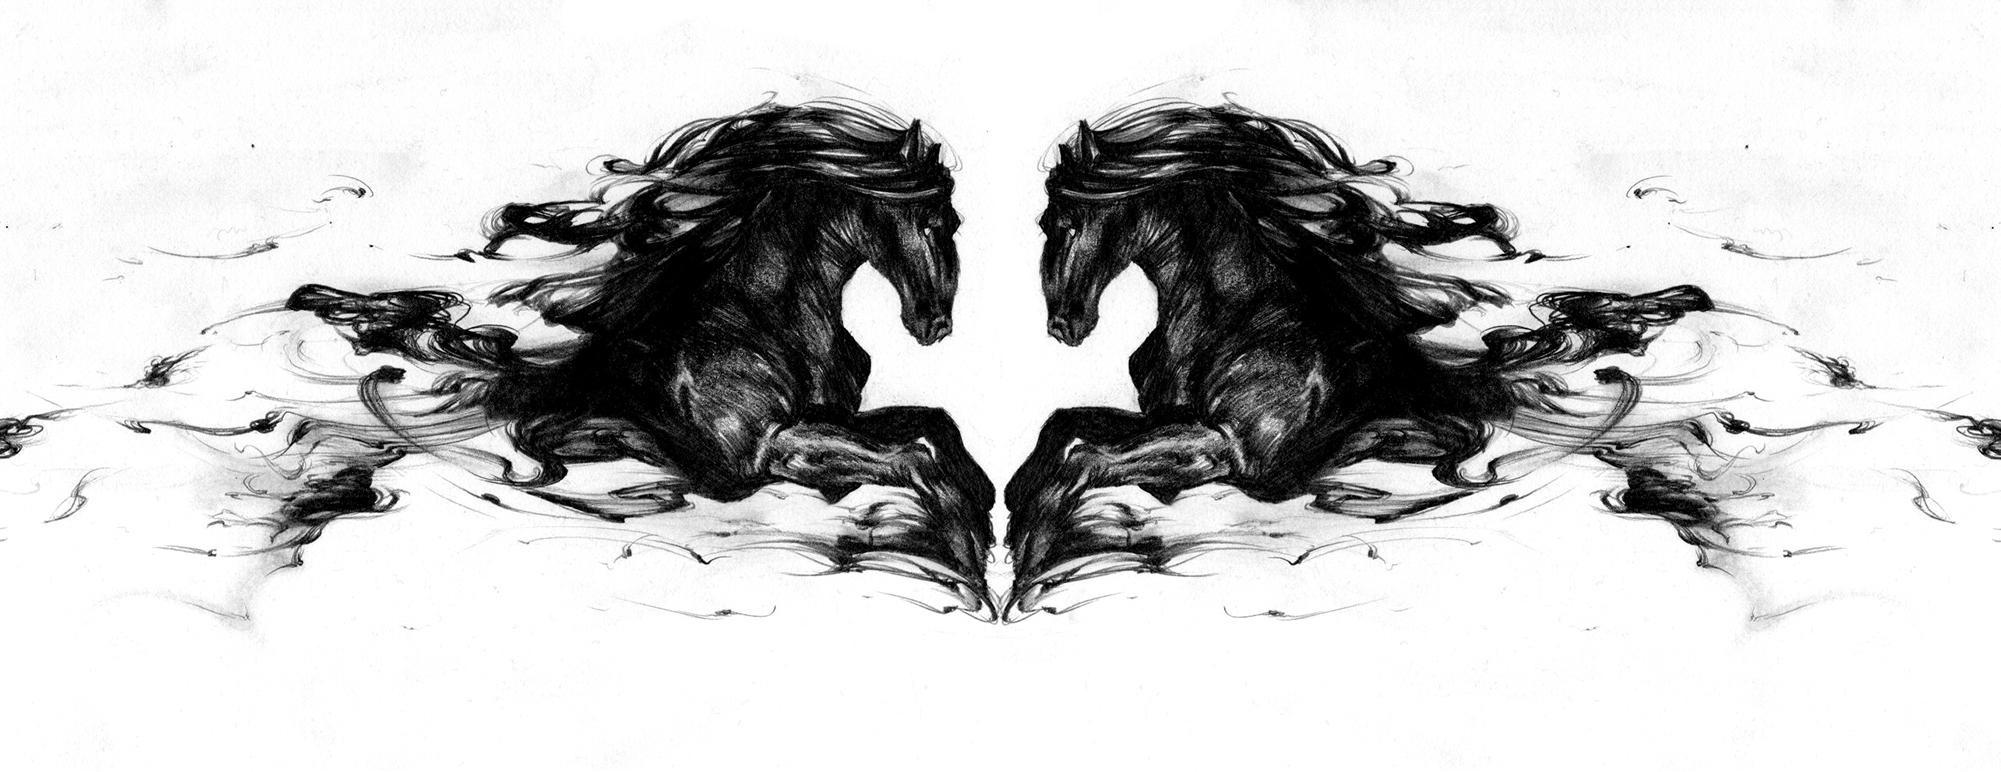 「無題」。向き合う馬から感じる躍動感に、つい時間を忘れてしまう